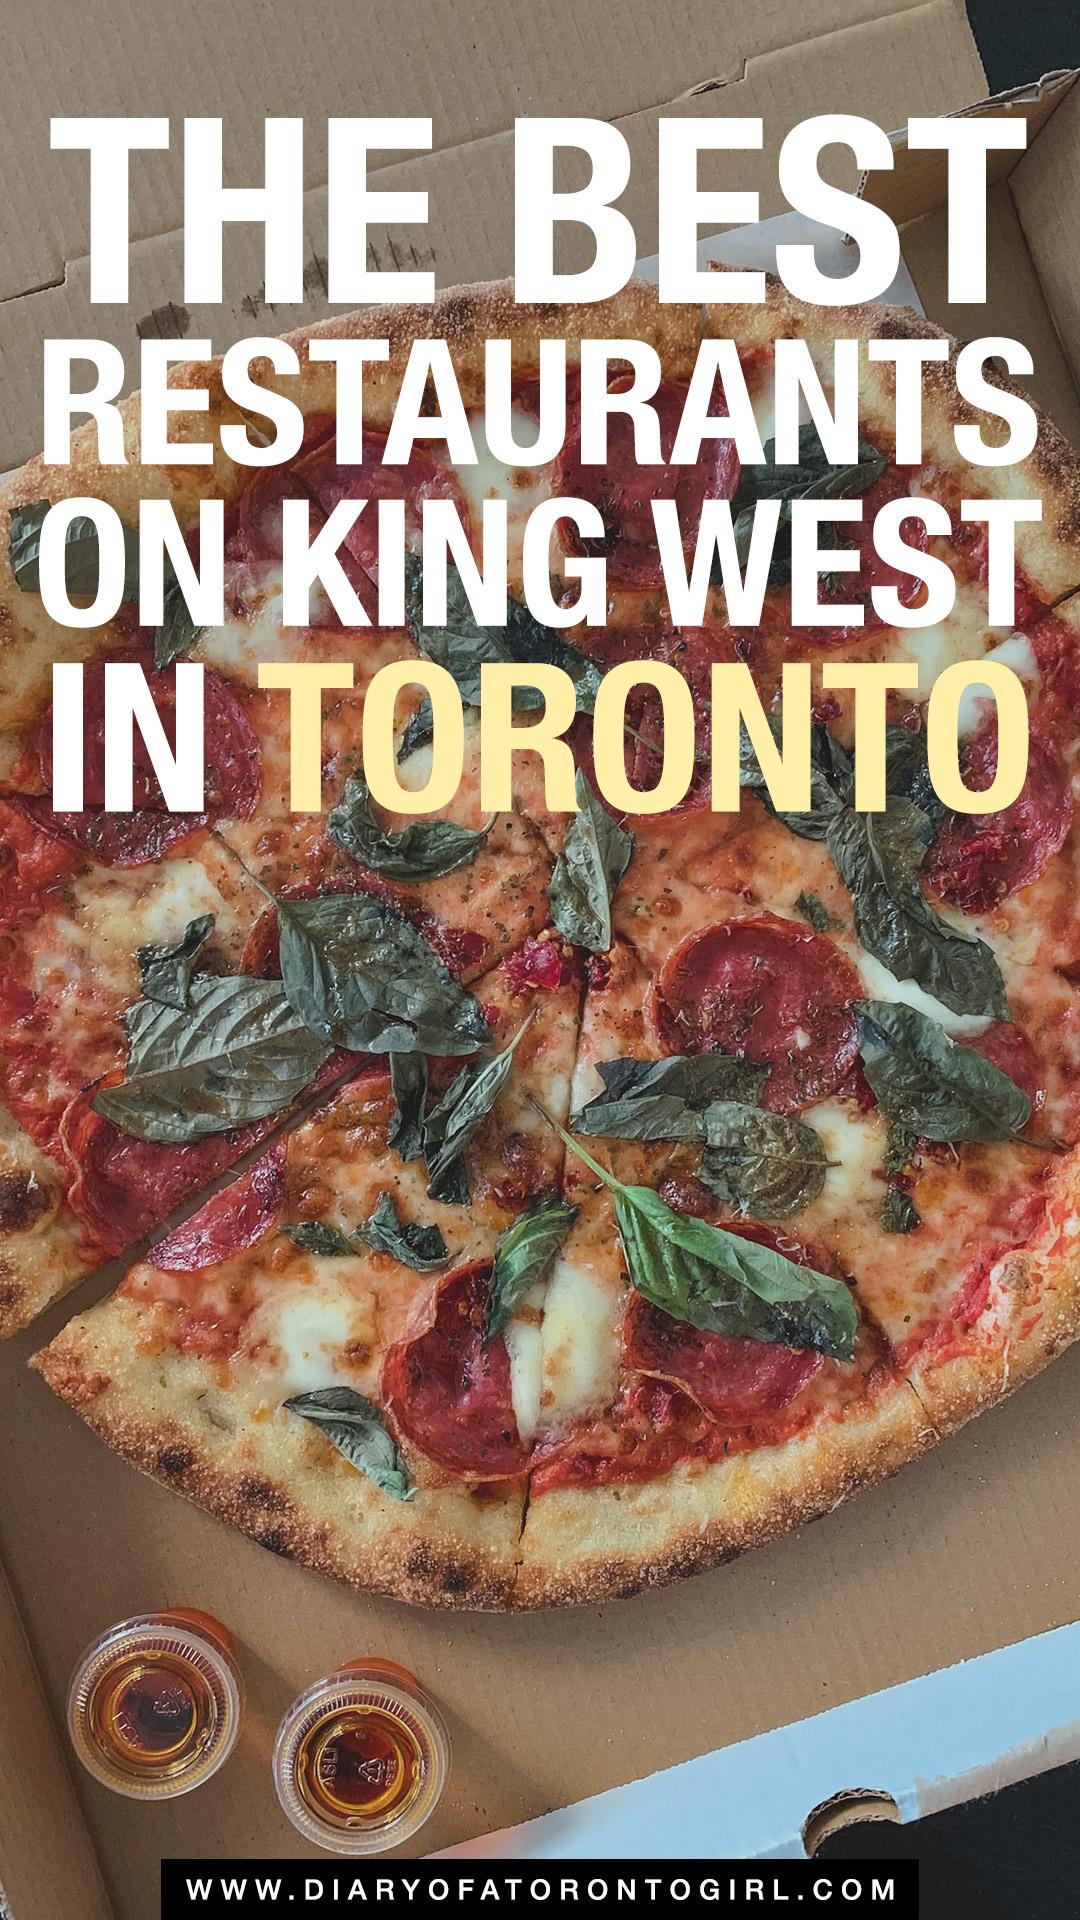 The best restaurants in Toronto's King West neighbourhood